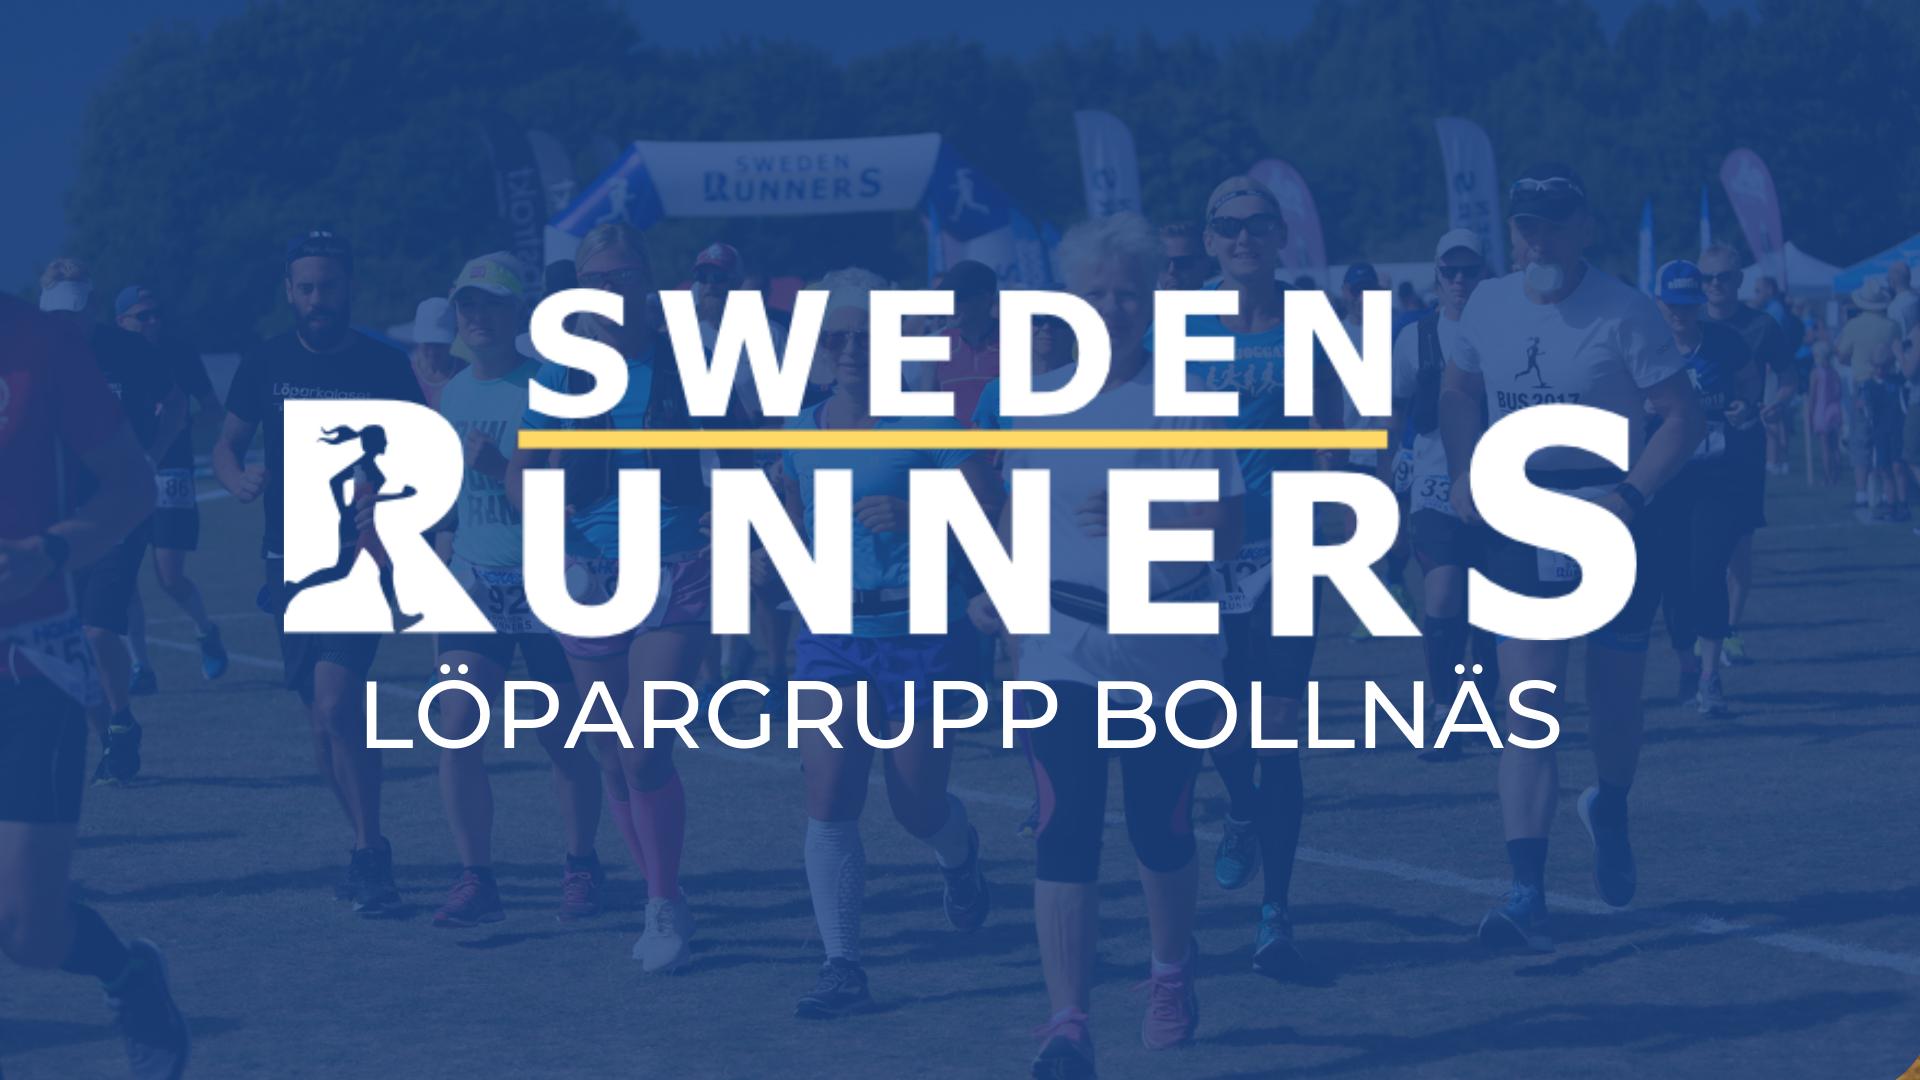 Sweden Runners Bollnäs